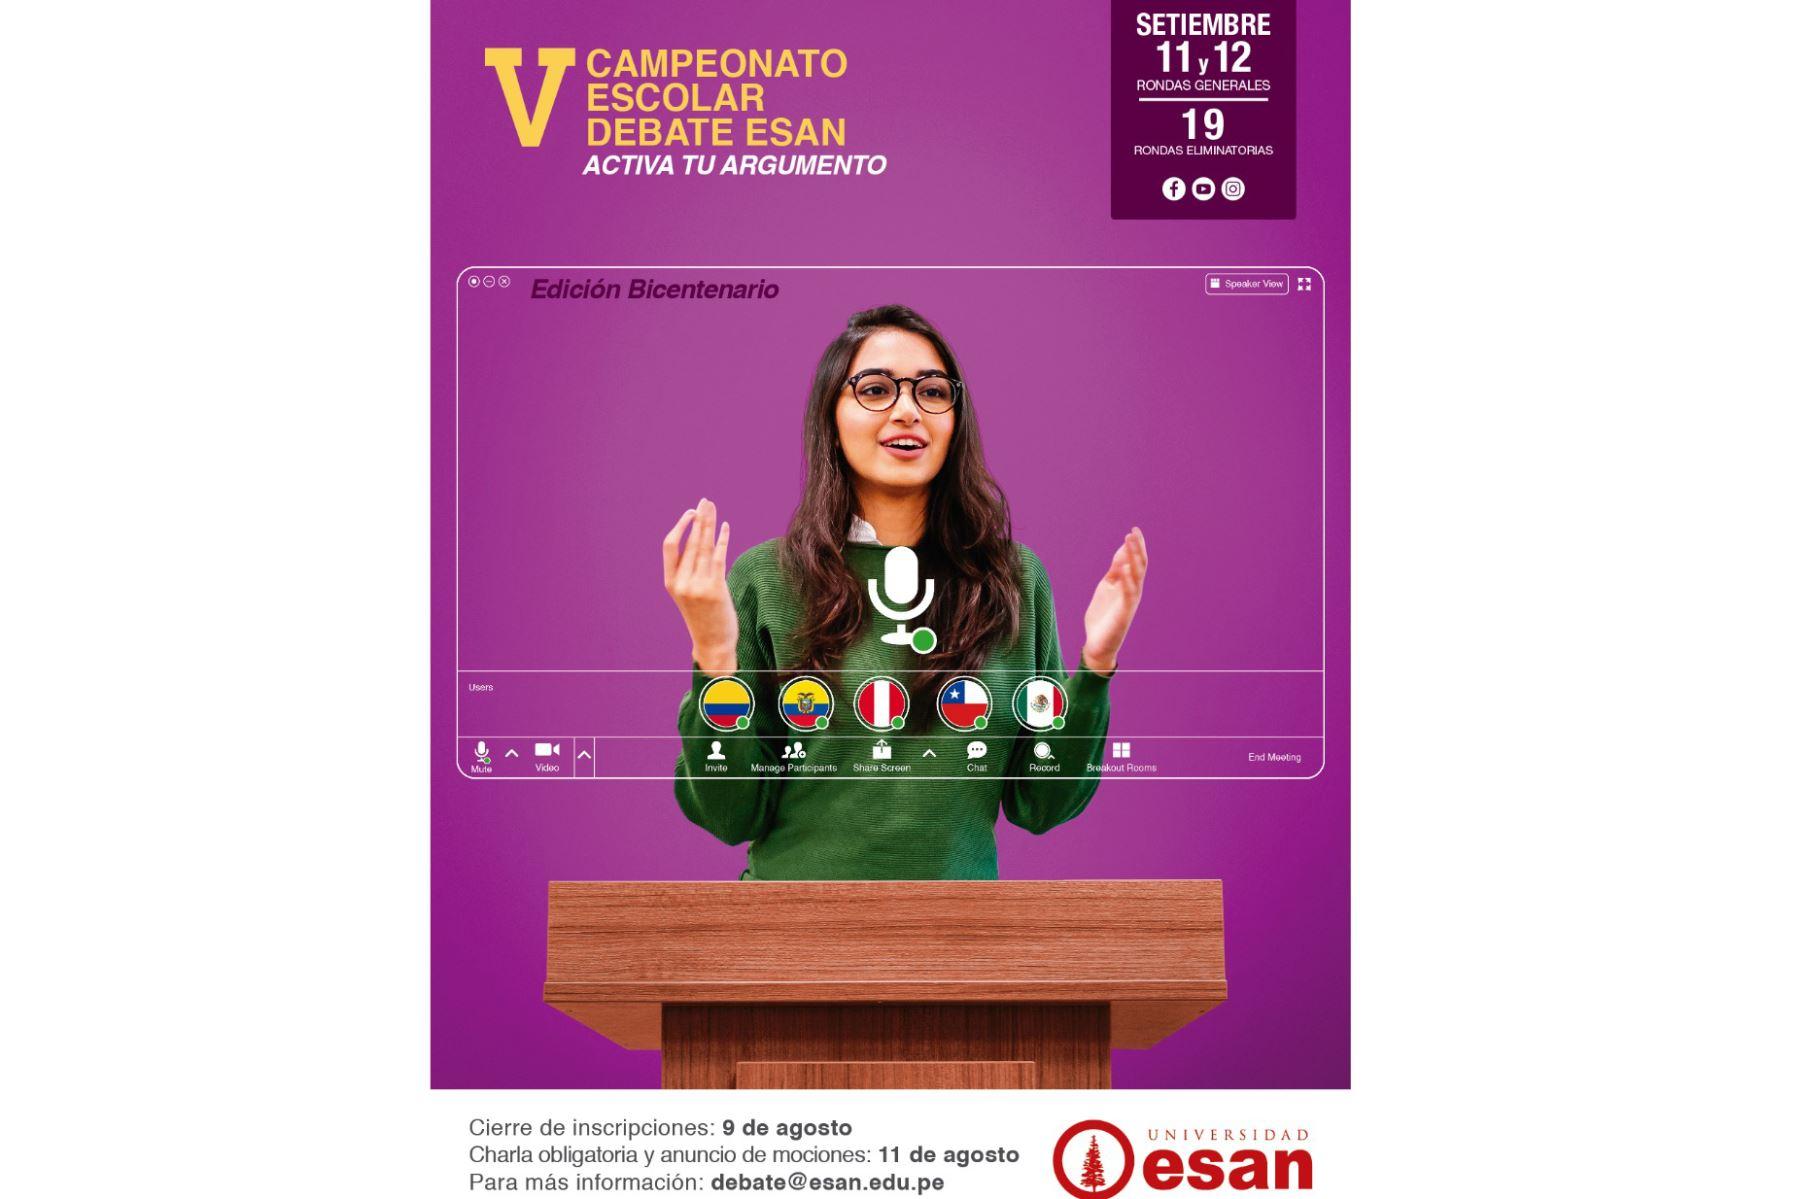 Conoce a los ganadores del V Campeonato Escolar Debate ESAN